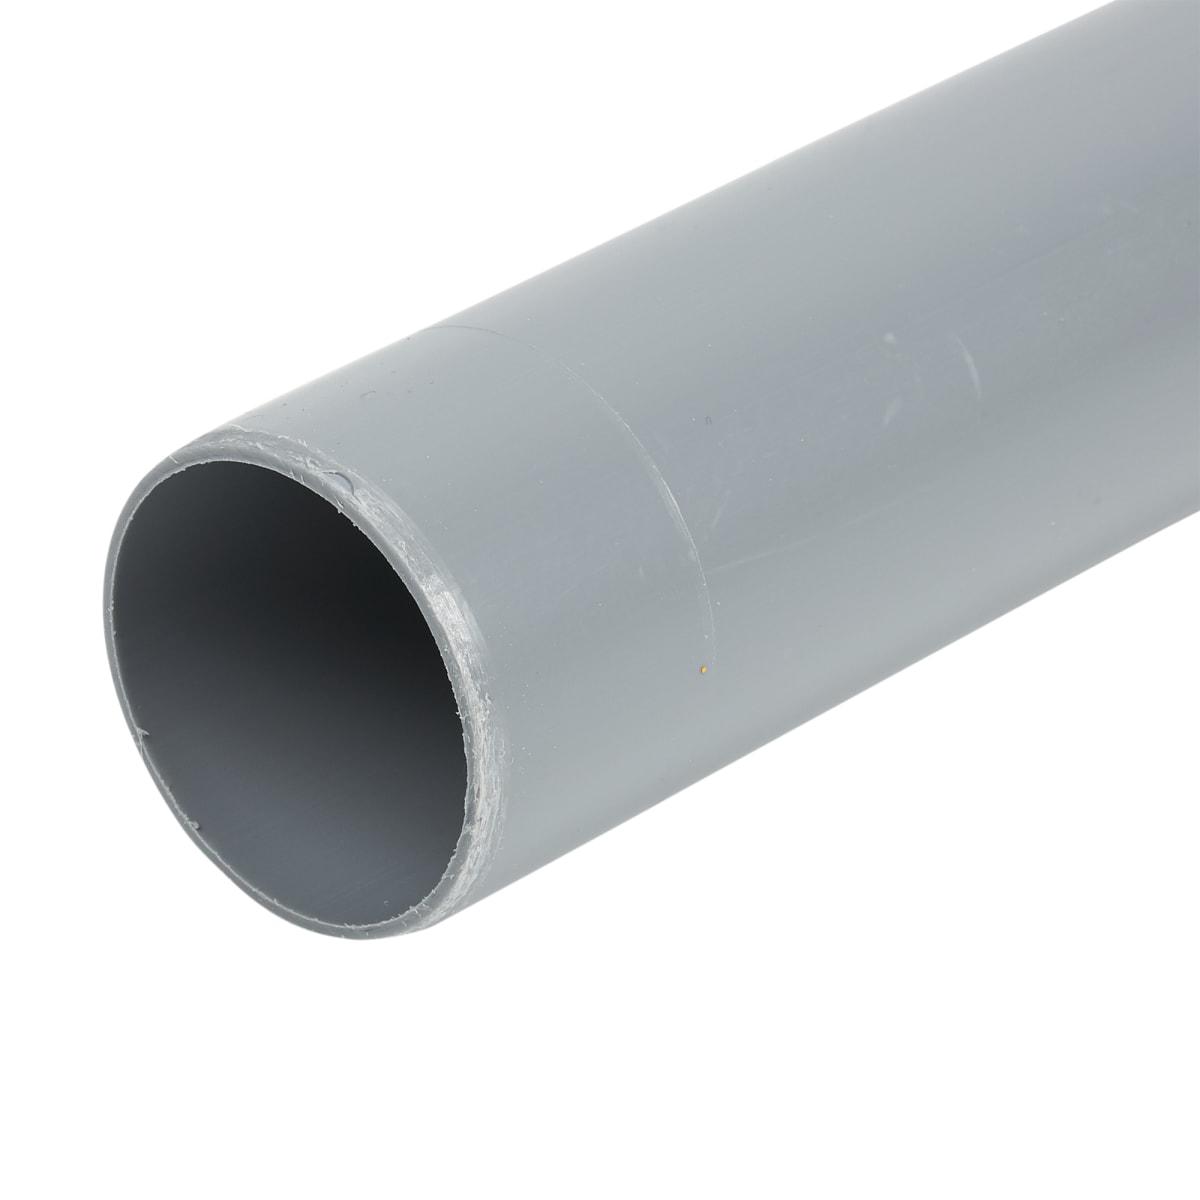 Труба канализационная Ø 50x1.5 мм L 0.5м полипропилен